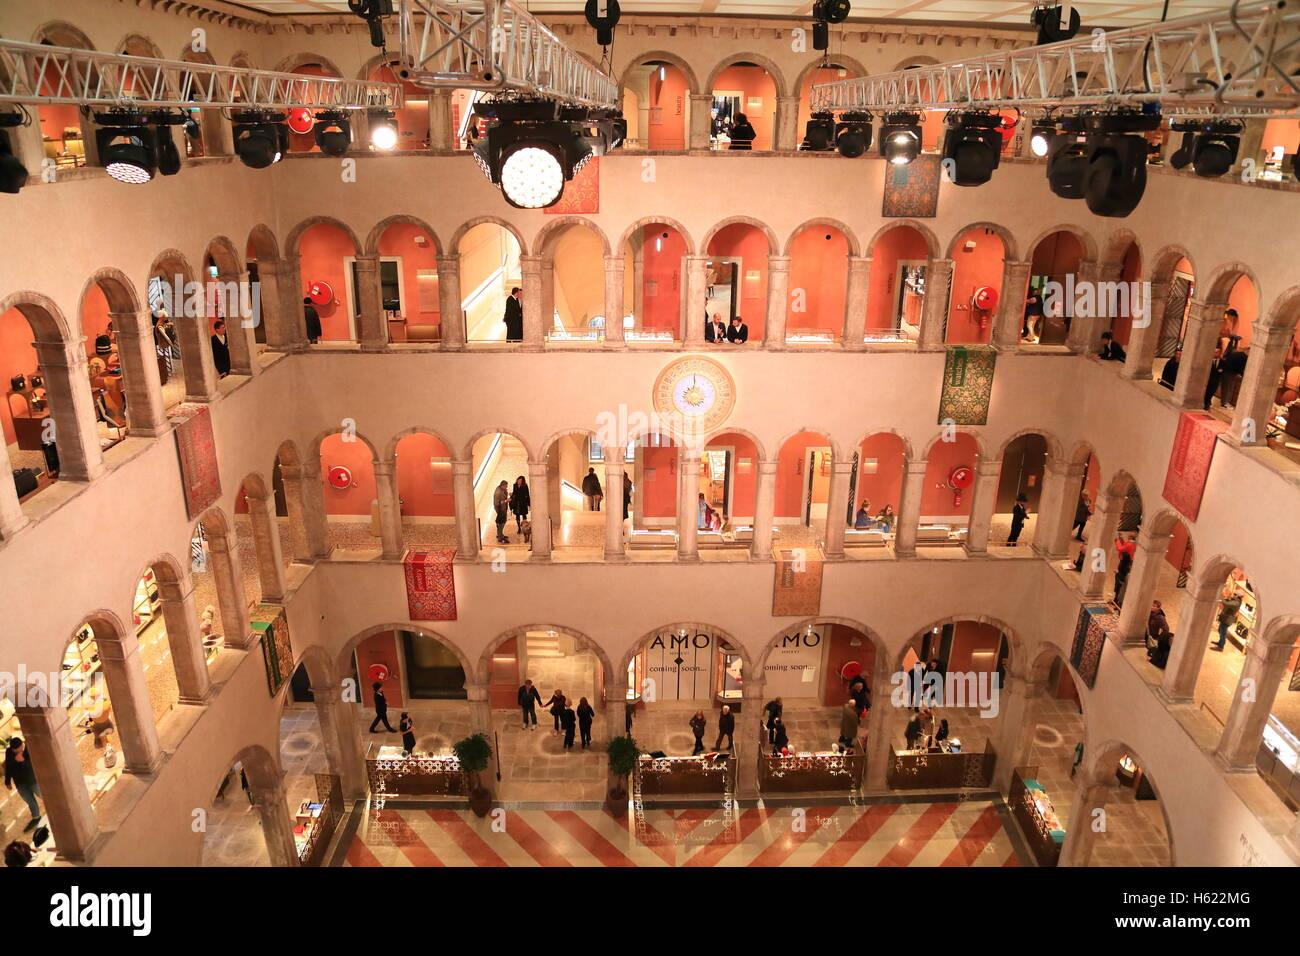 The luxury shopping center Fondaco dei Tedeschi in Venice. - Stock Image